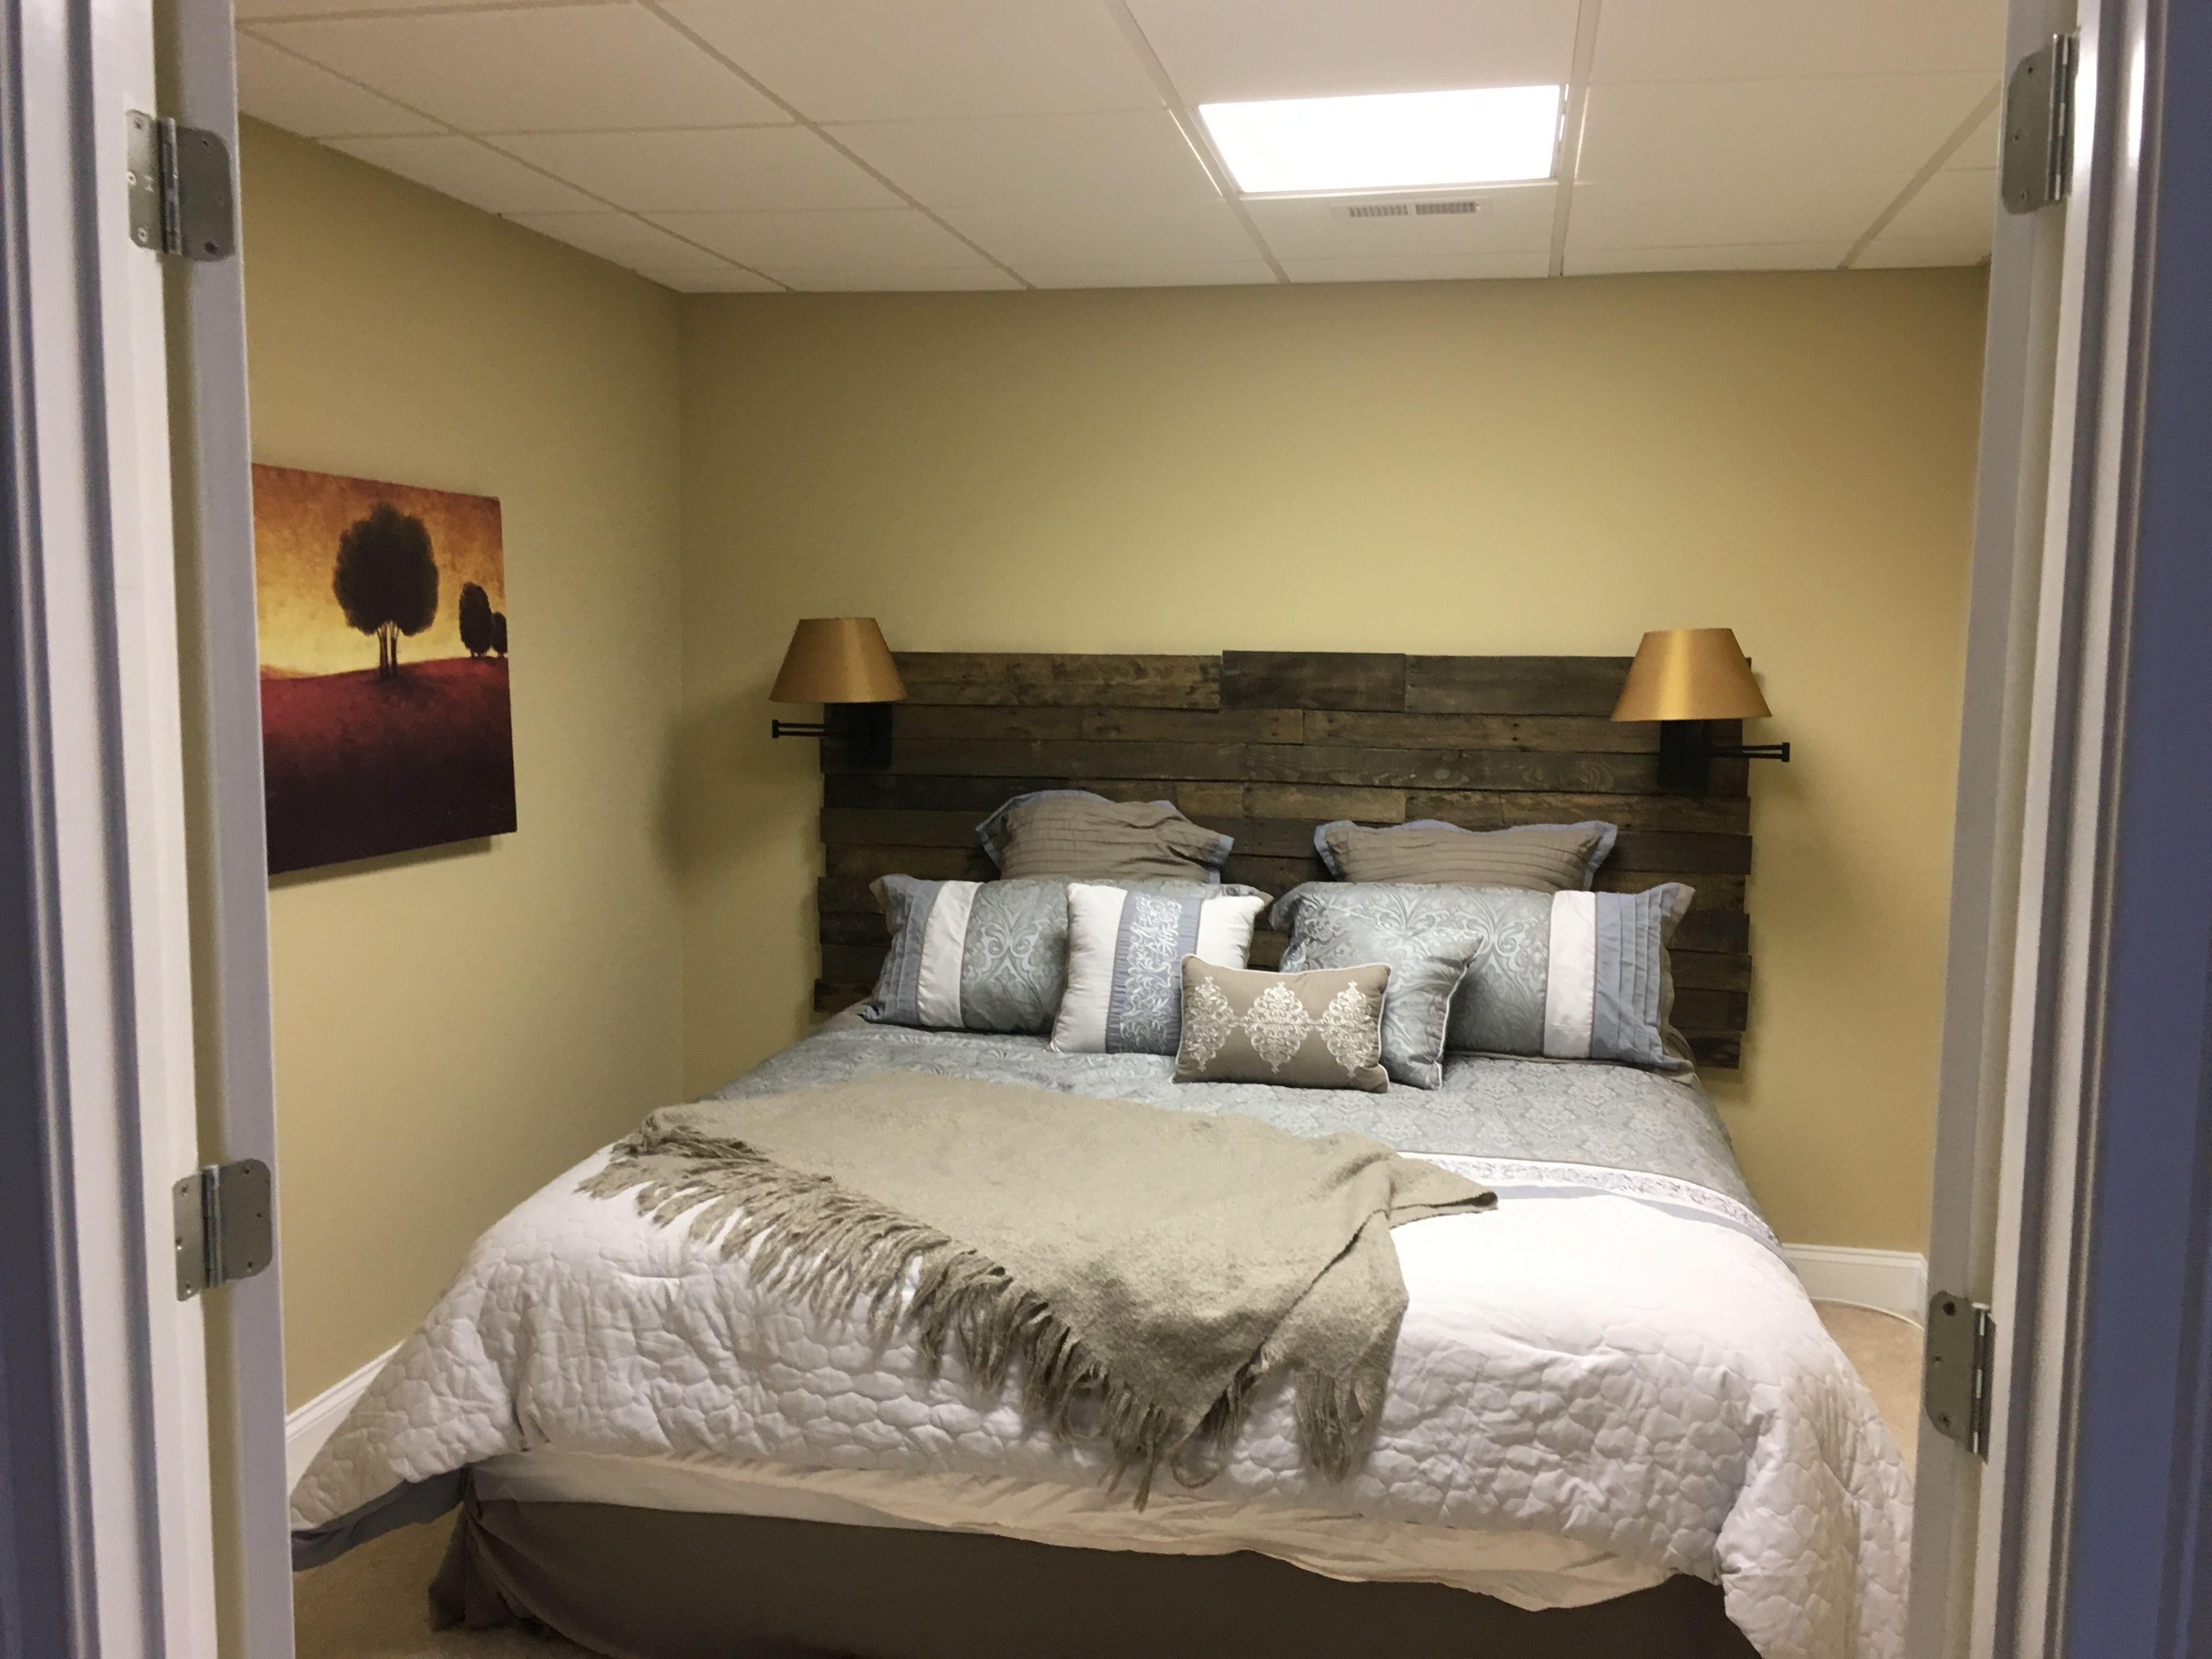 Spare bedroom headboard with lighting lamps Bedroom